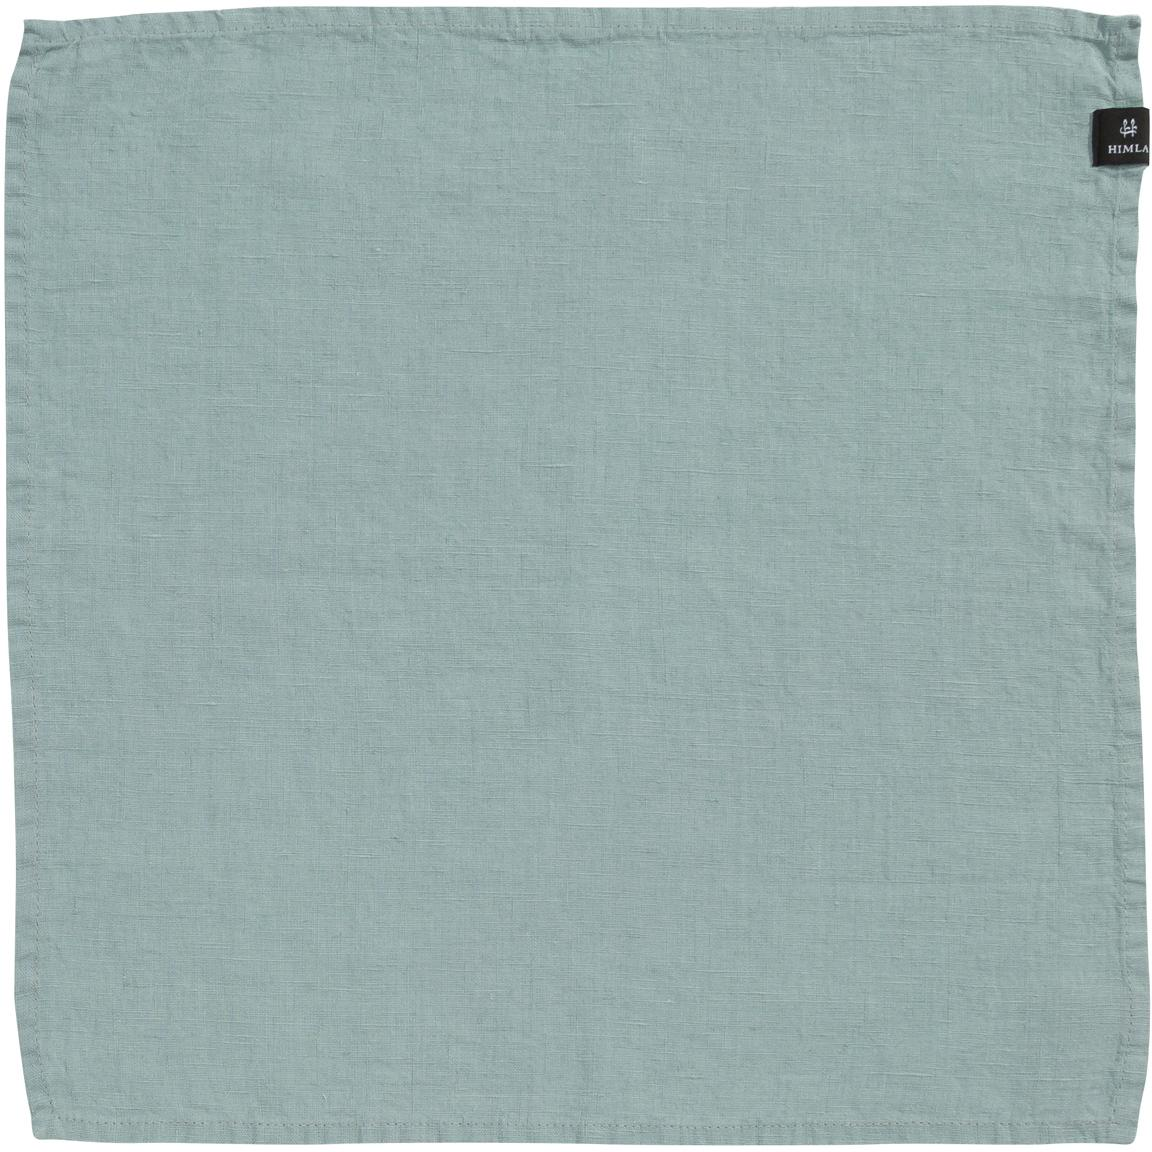 Leinen-Servietten Sunshine, 4 Stück, Leinen, Helles Blaugrün, 45 x 45 cm